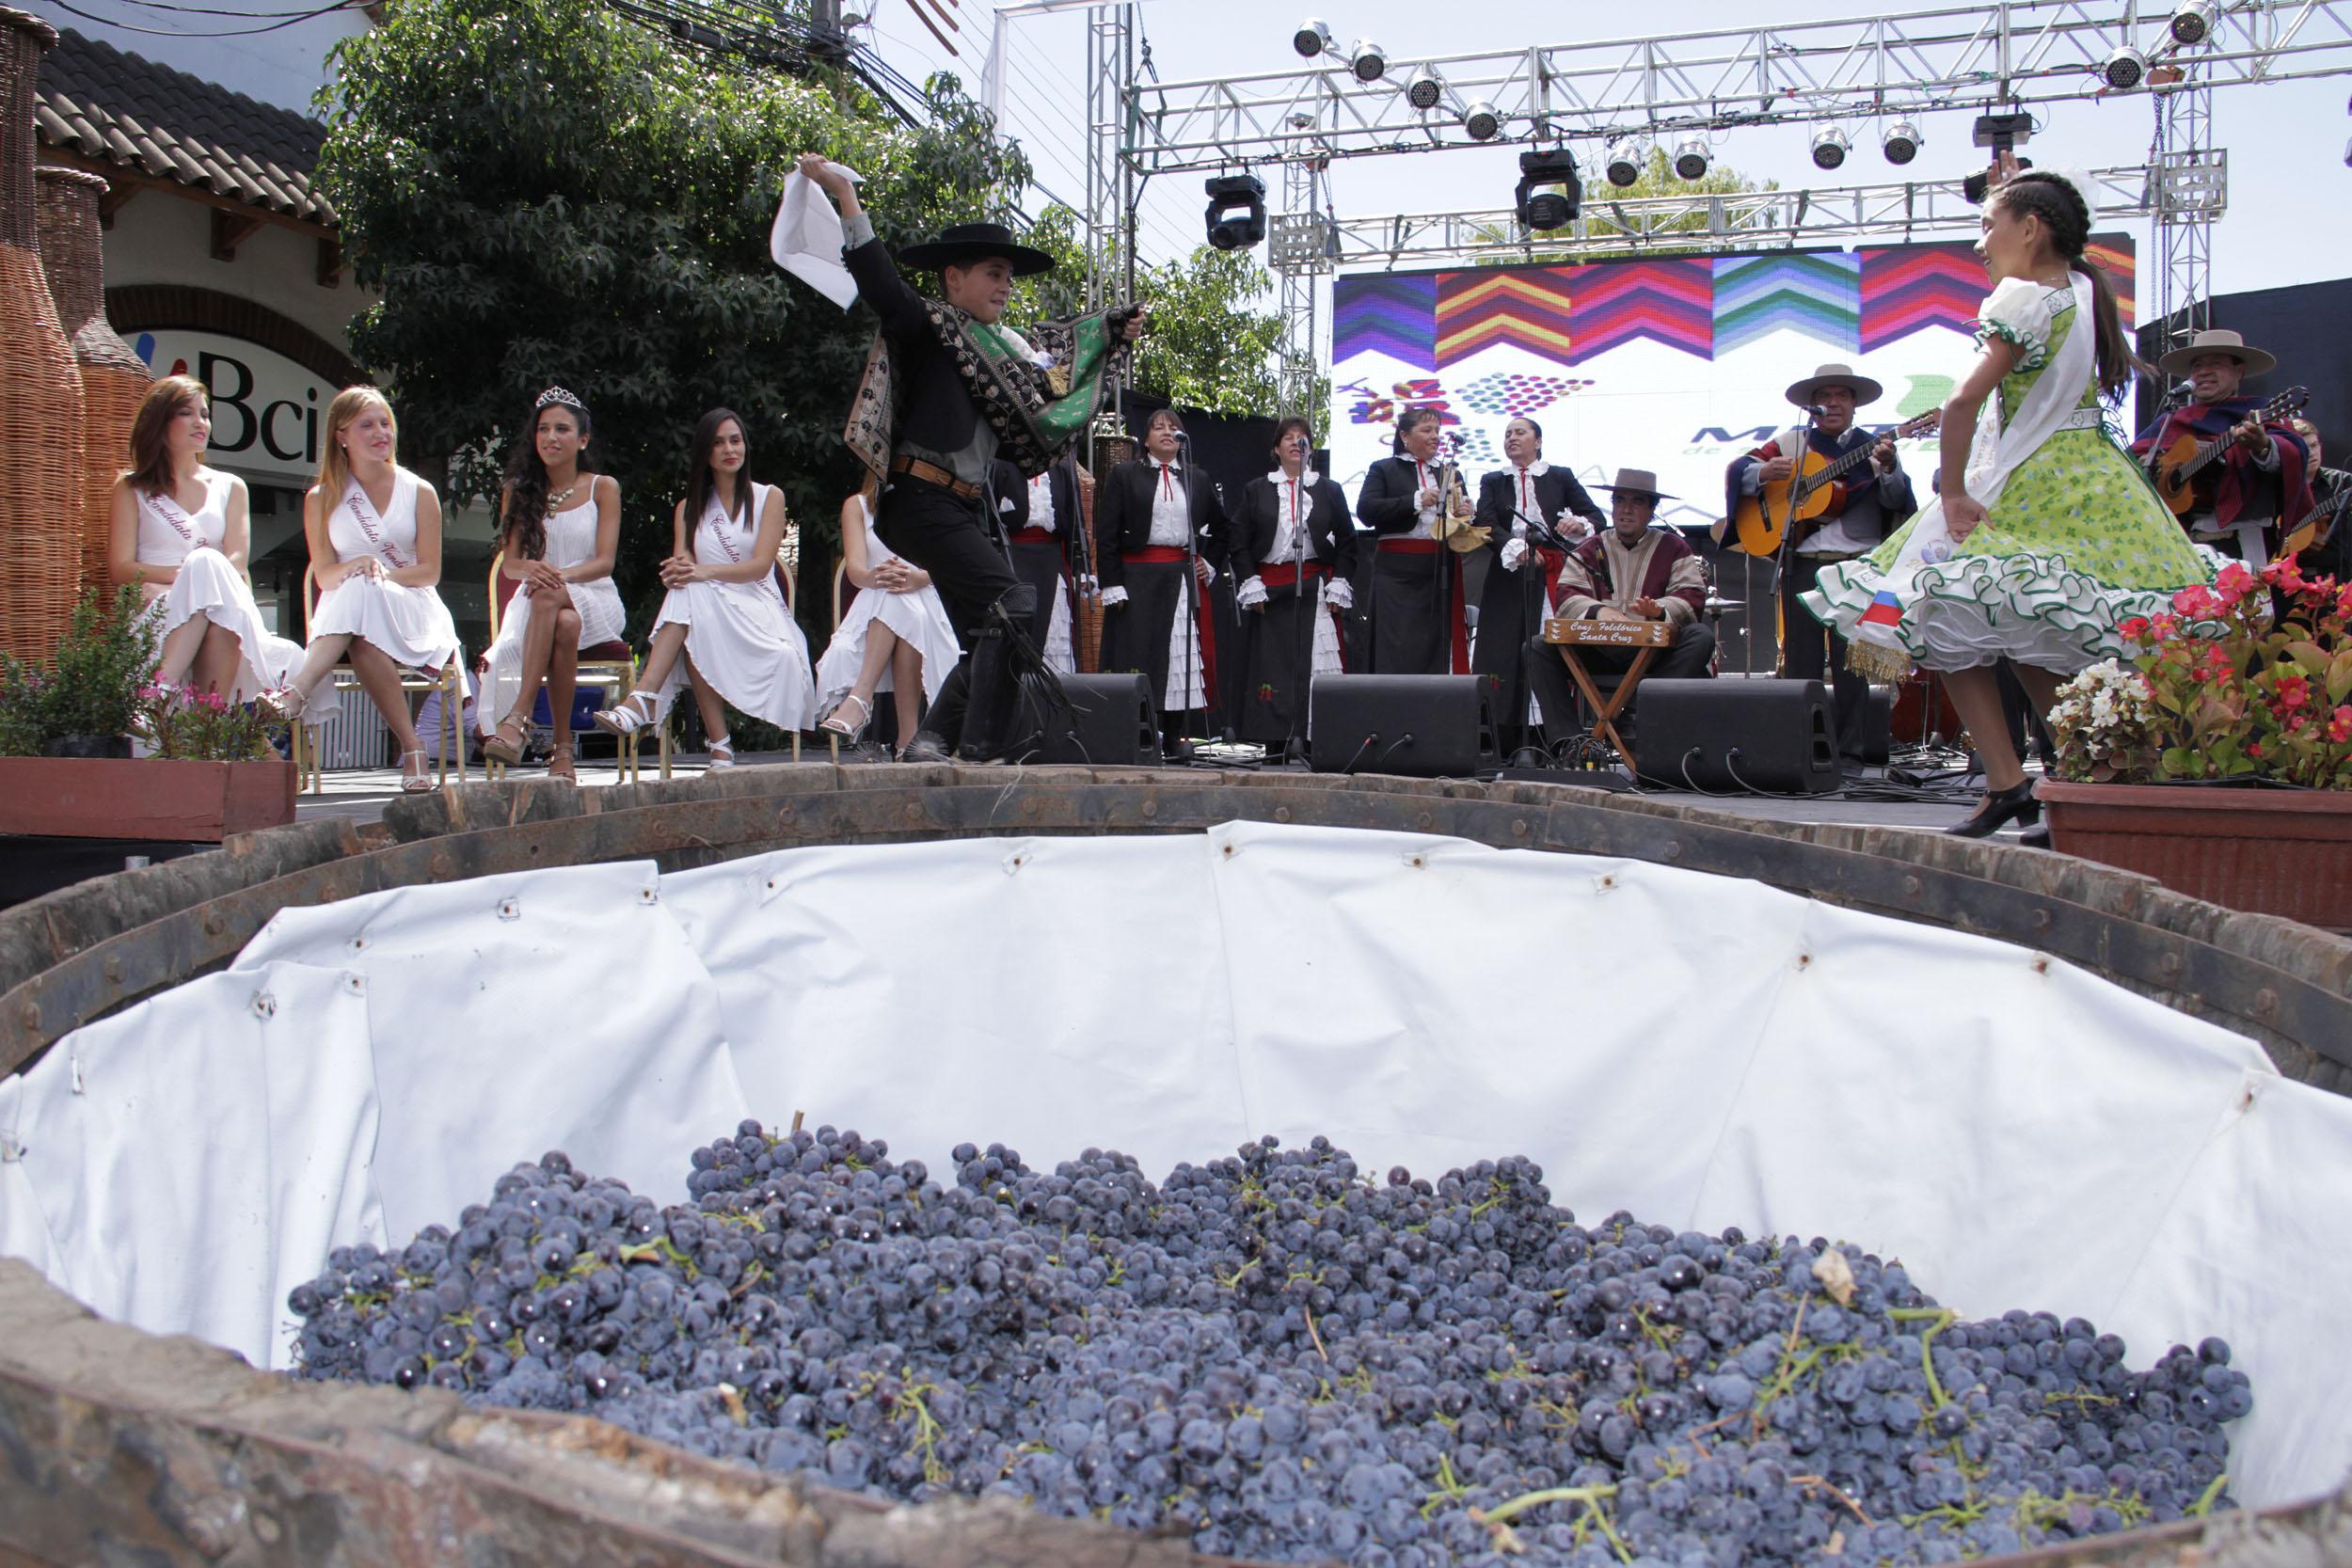 12 bodegas participarán de la fiesta de la vendimia 2016 en el Valle de Colchagua